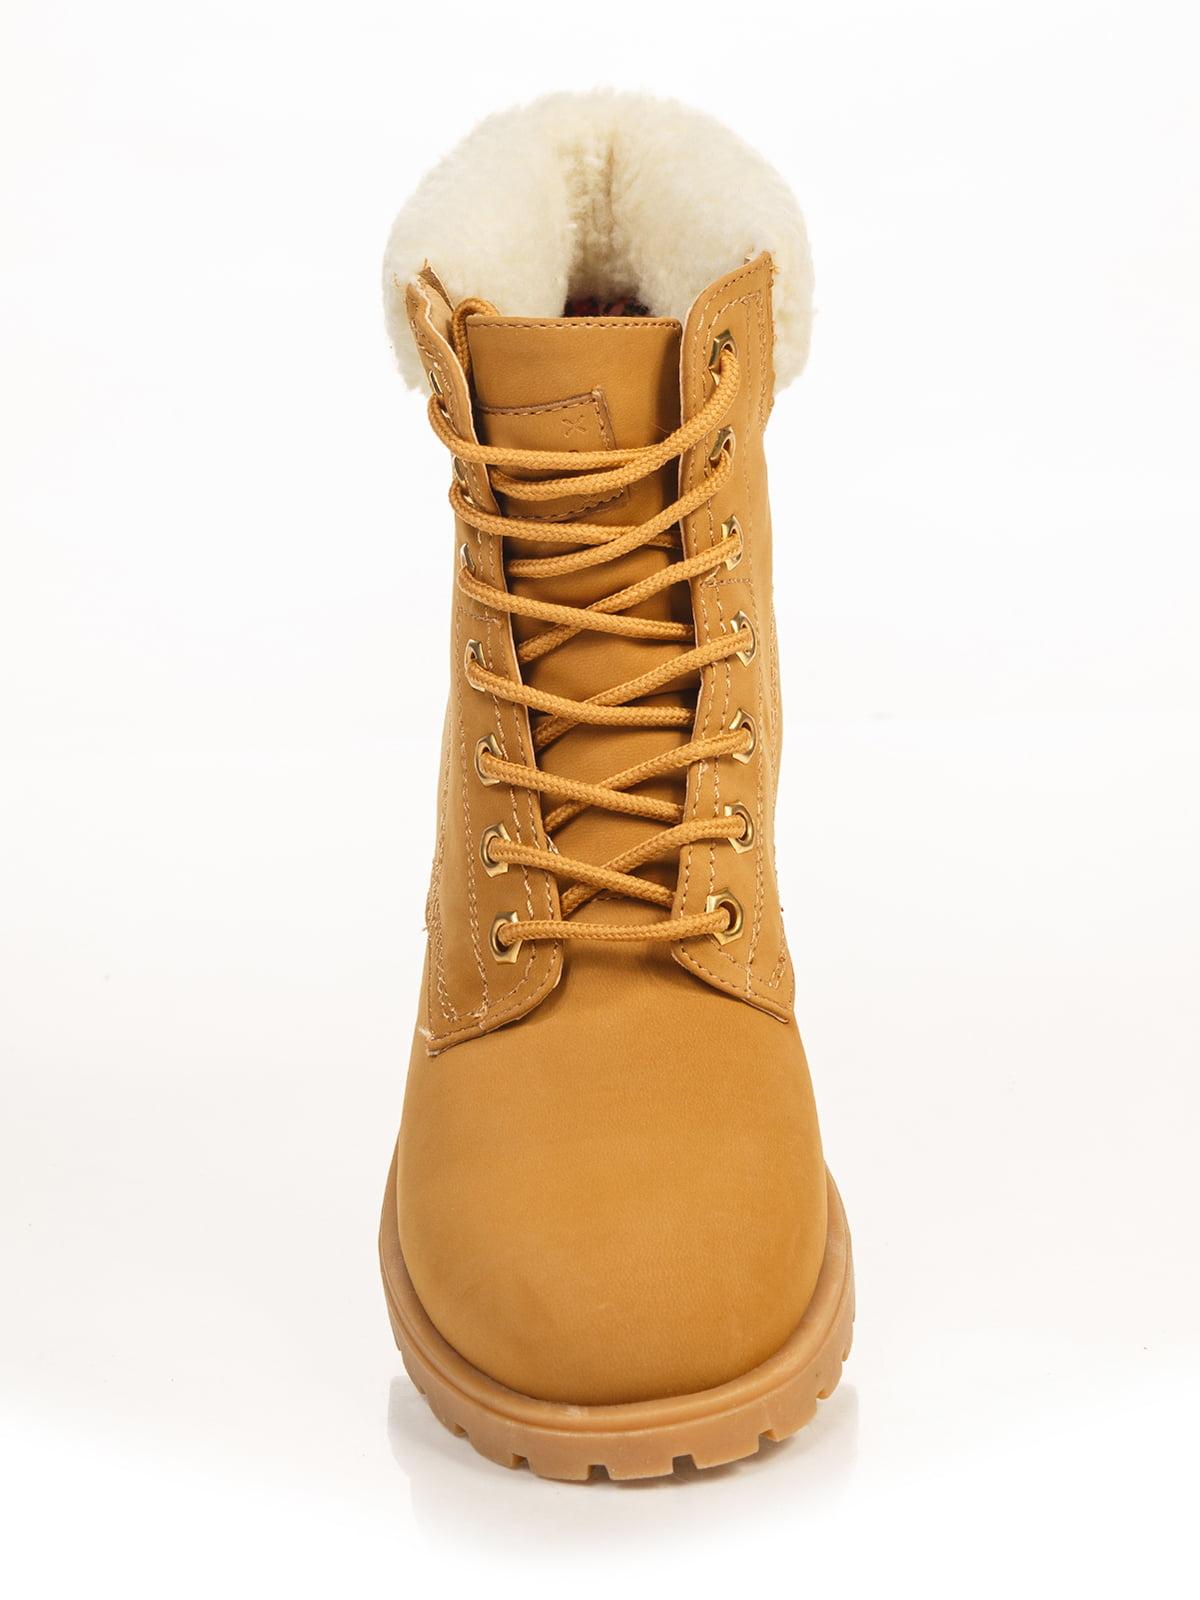 Ботинки коричневые | 2992542 | фото 4